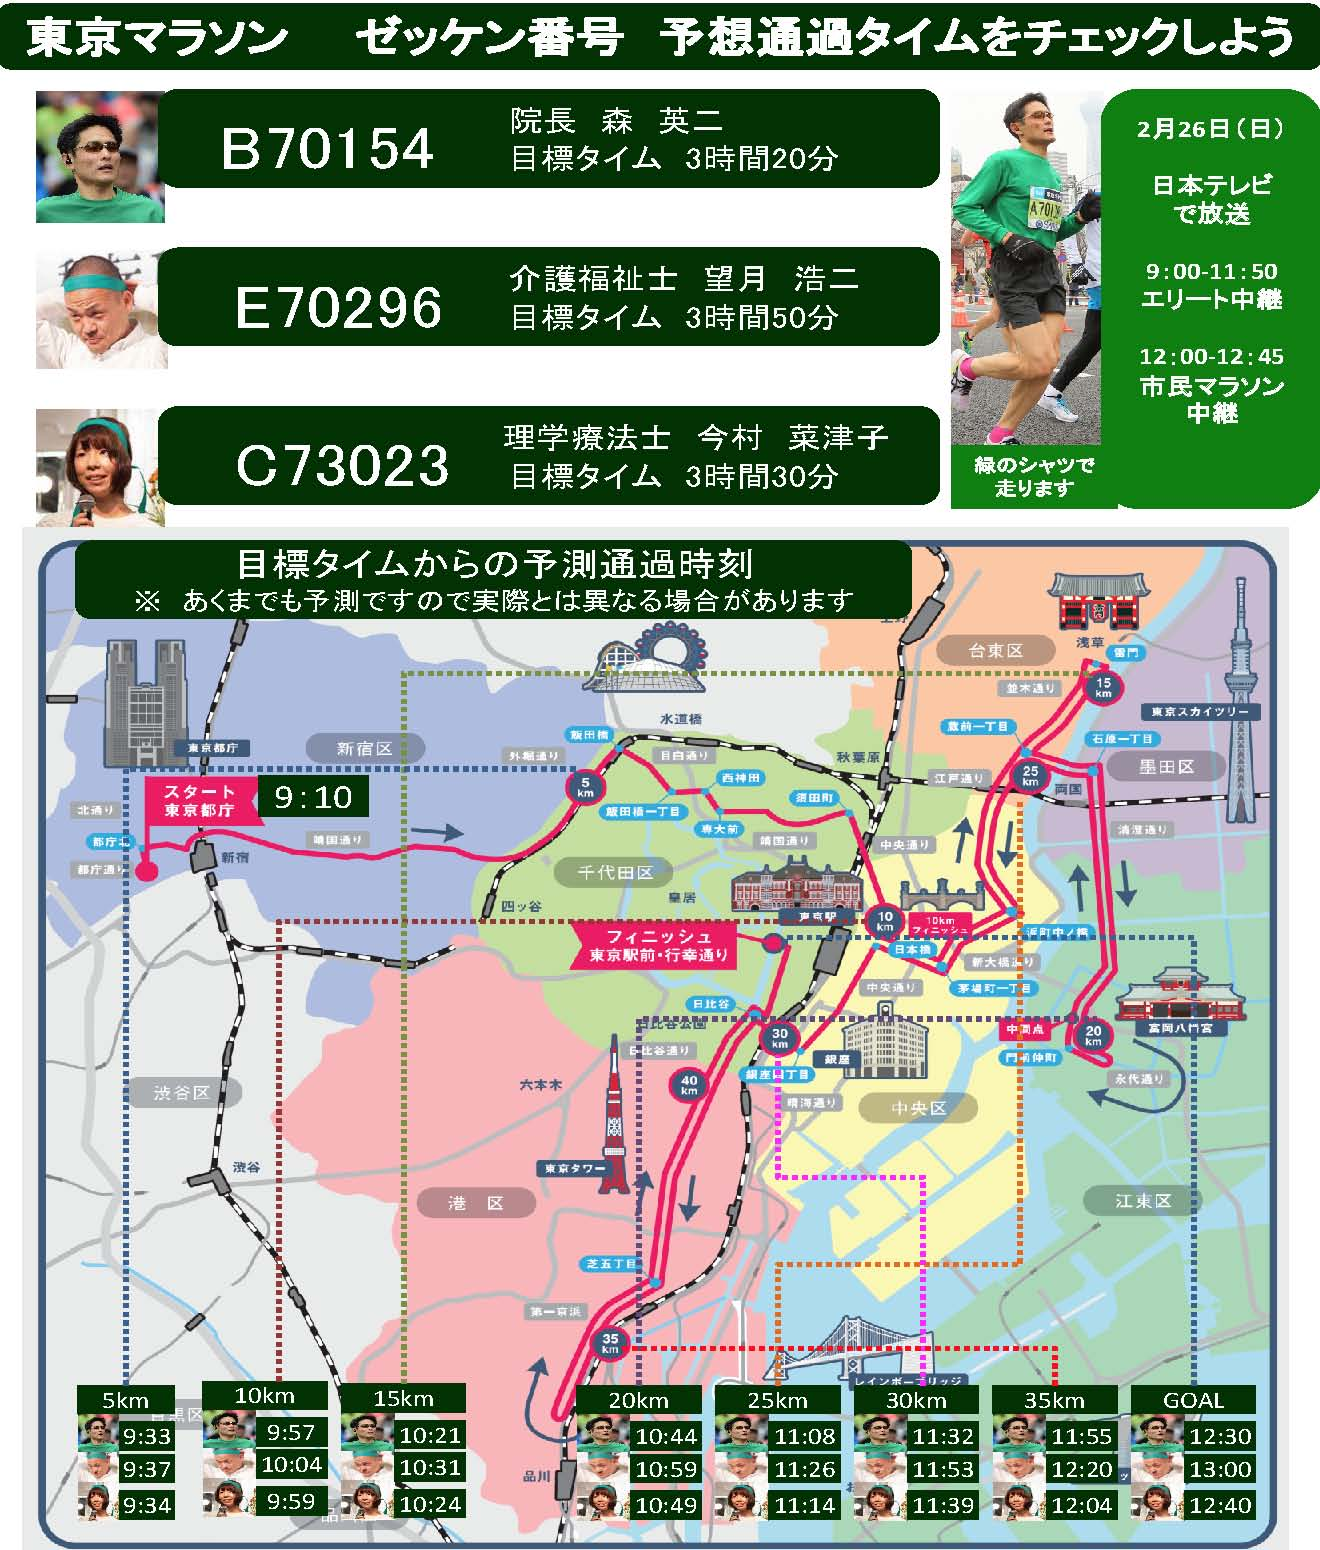 東京マラソン2017予測通過タイム